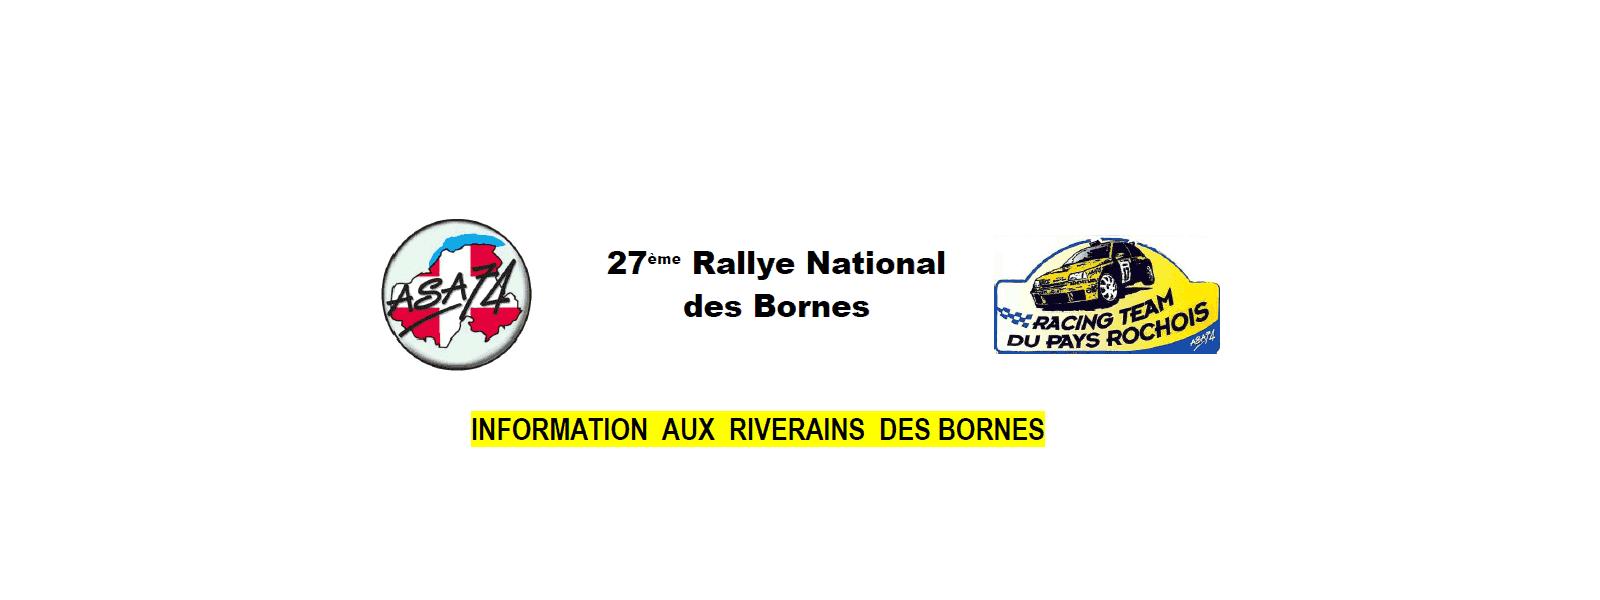 Informations aux riverains concernant le Rallye des Bornes 2017